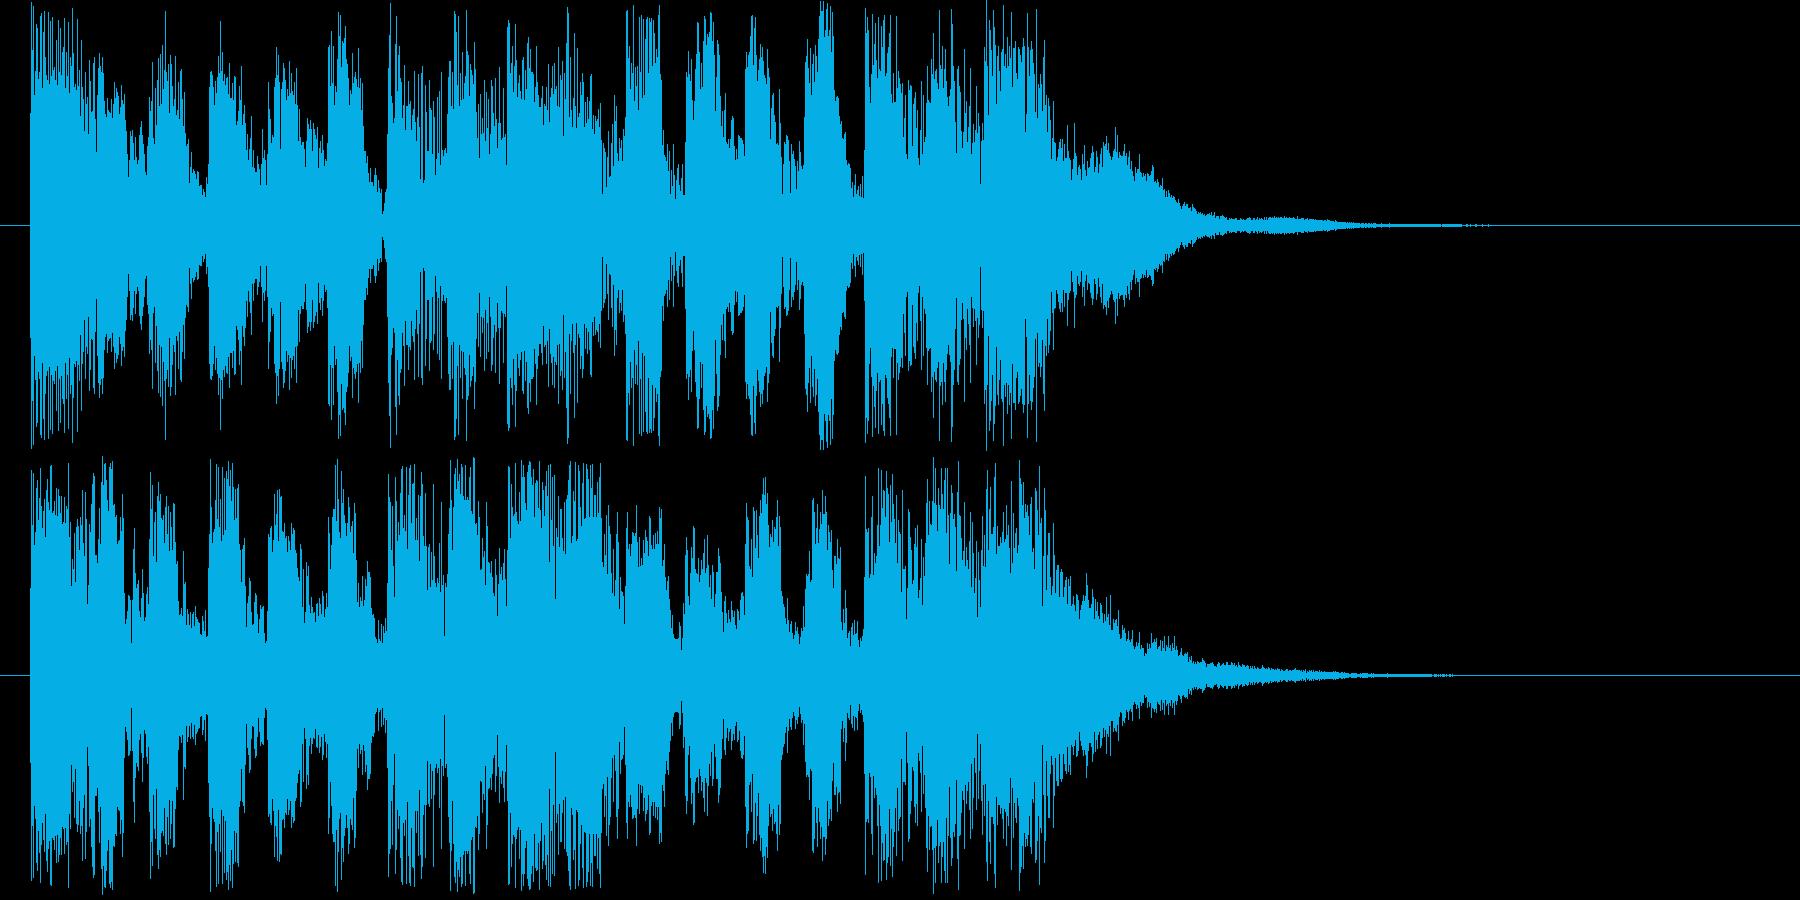 一段落着いた際の場面転換ジングルの再生済みの波形